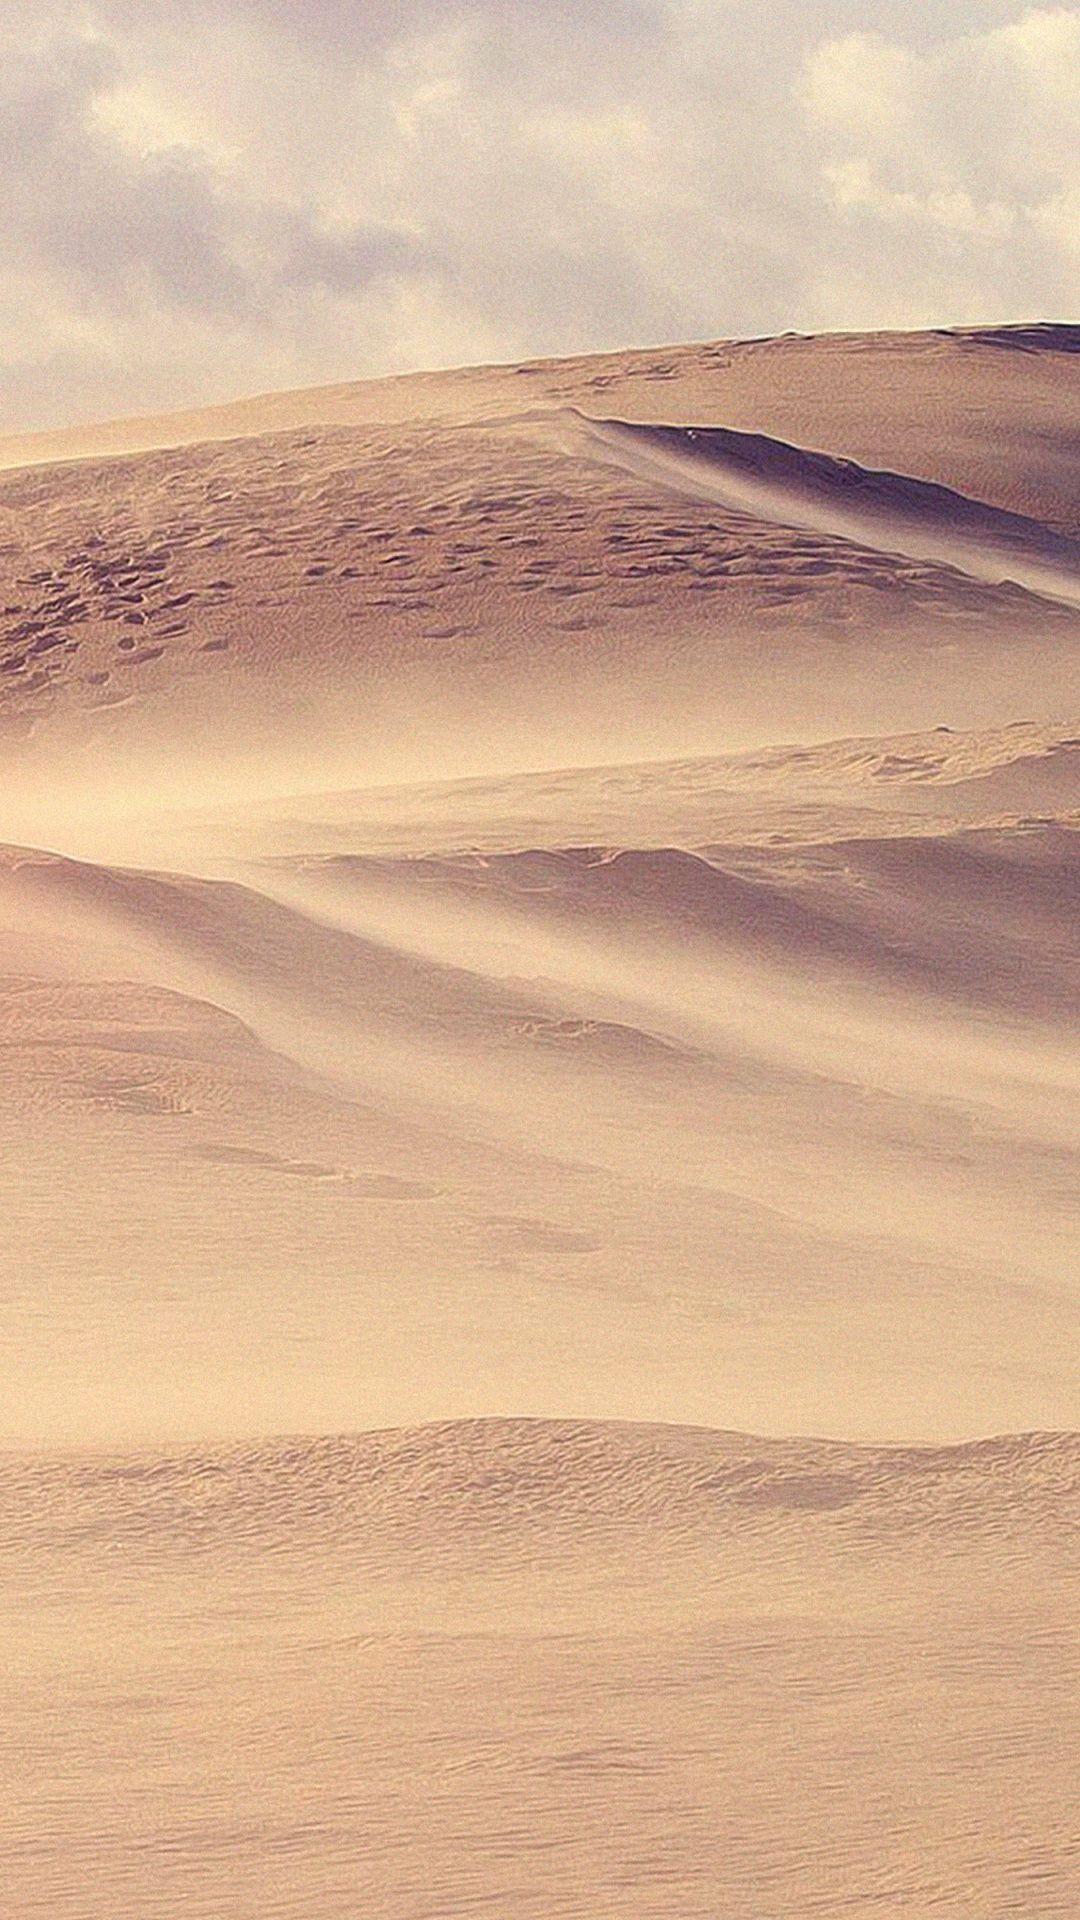 Wallpaper Desert